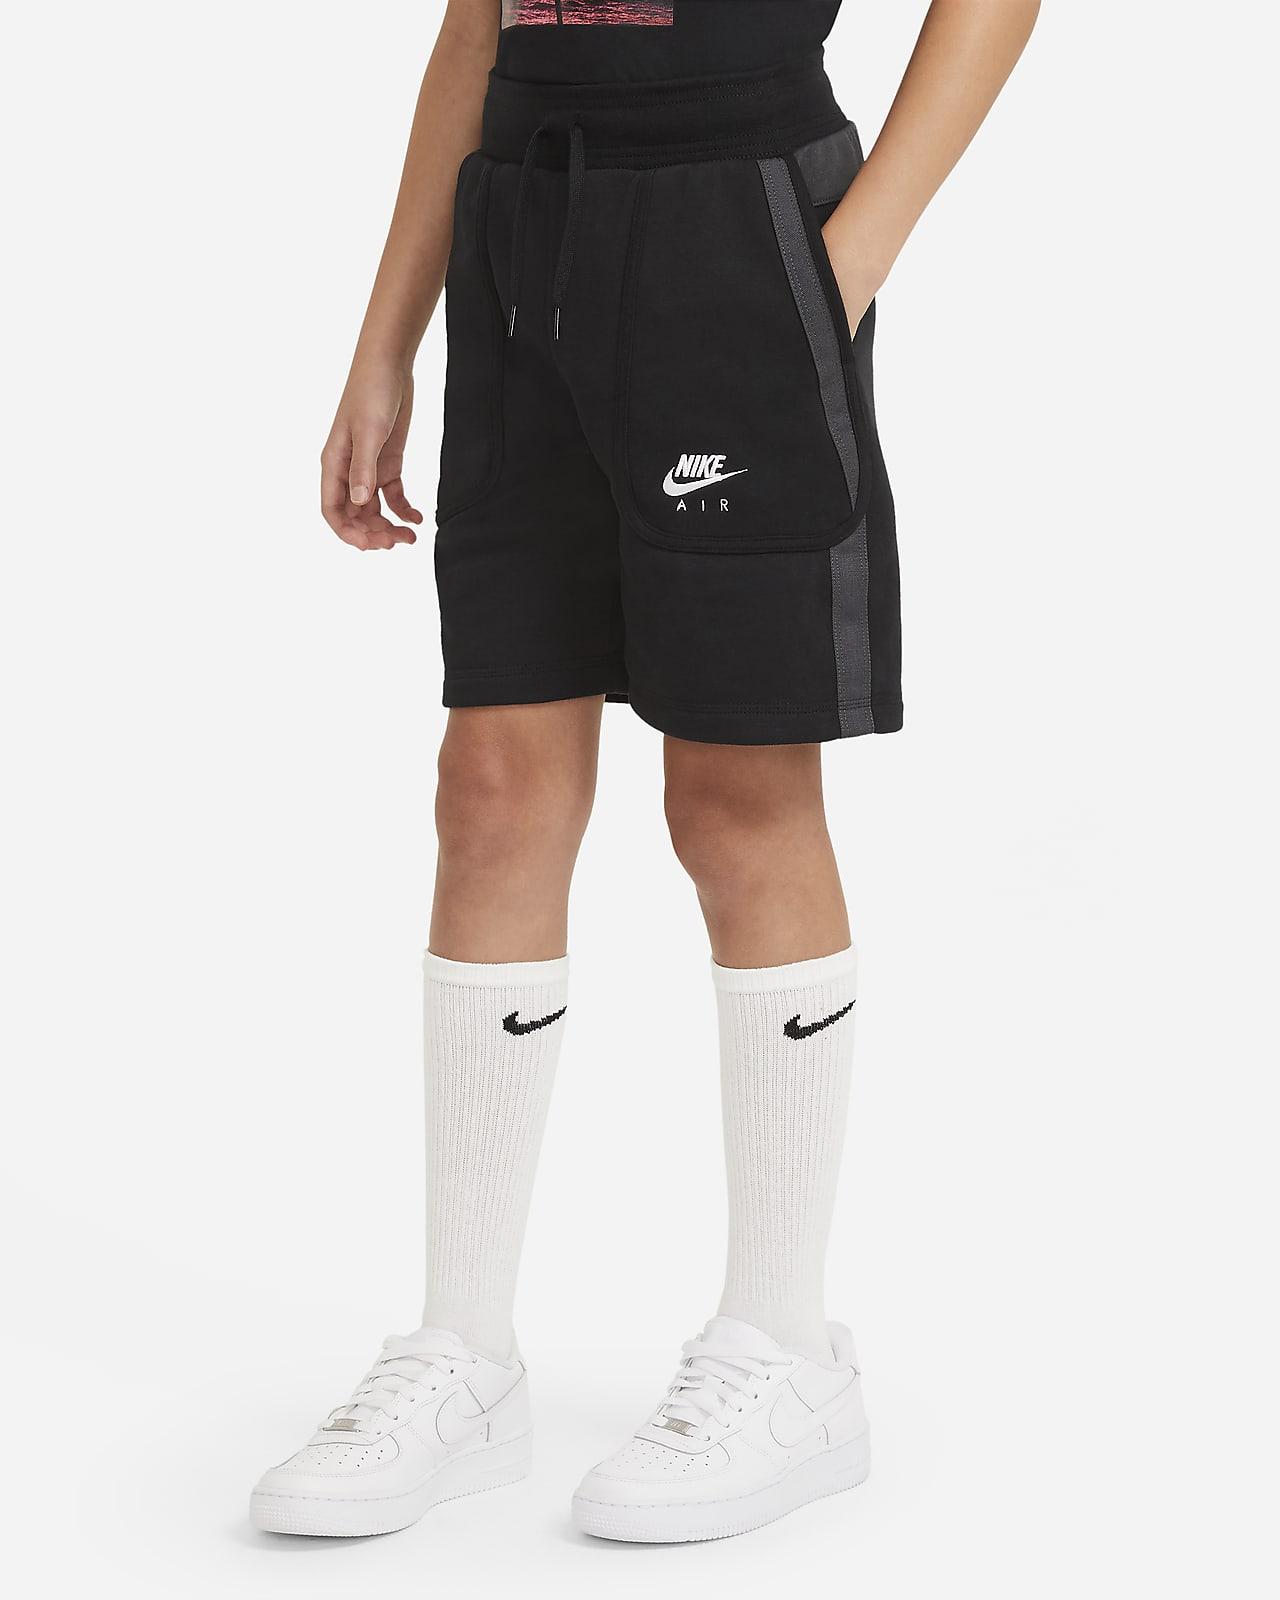 Calções em tecido moletão Nike Air Júnior (Rapaz)